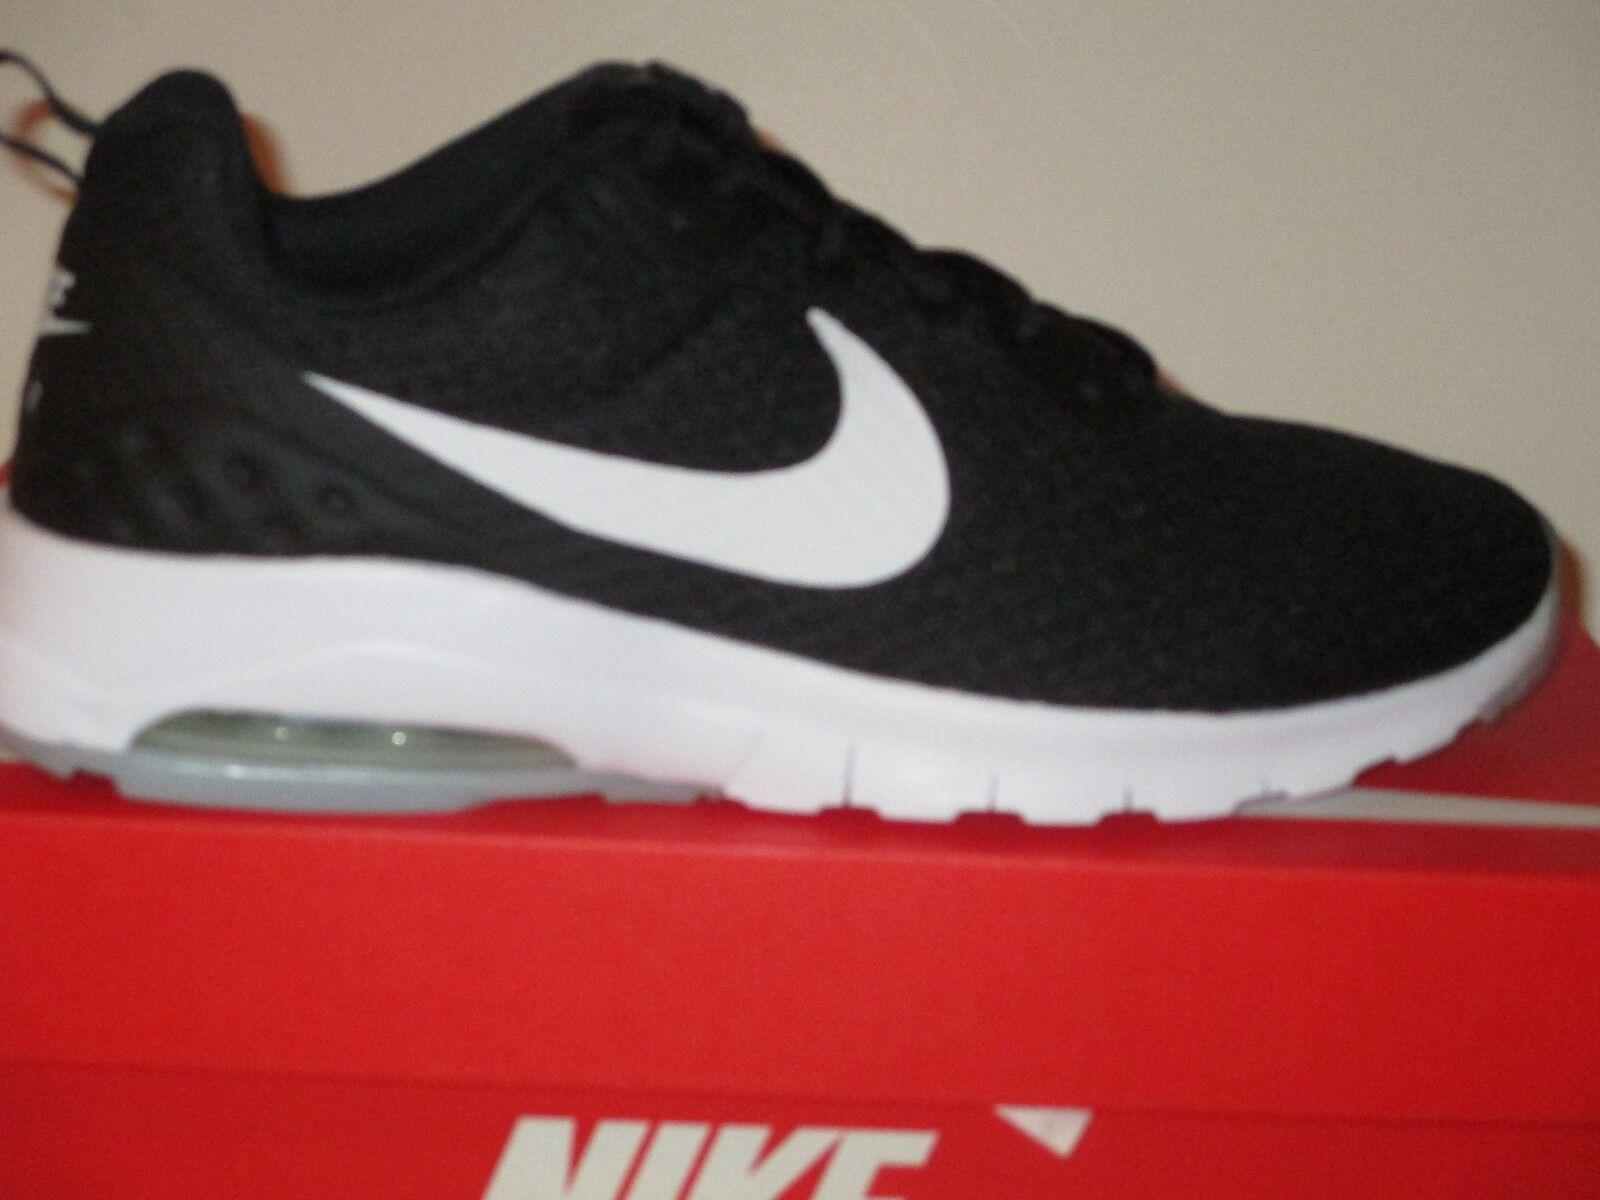 Nike air max motion - - - schwarz / weiß (komfort sockliner) männer 88579a